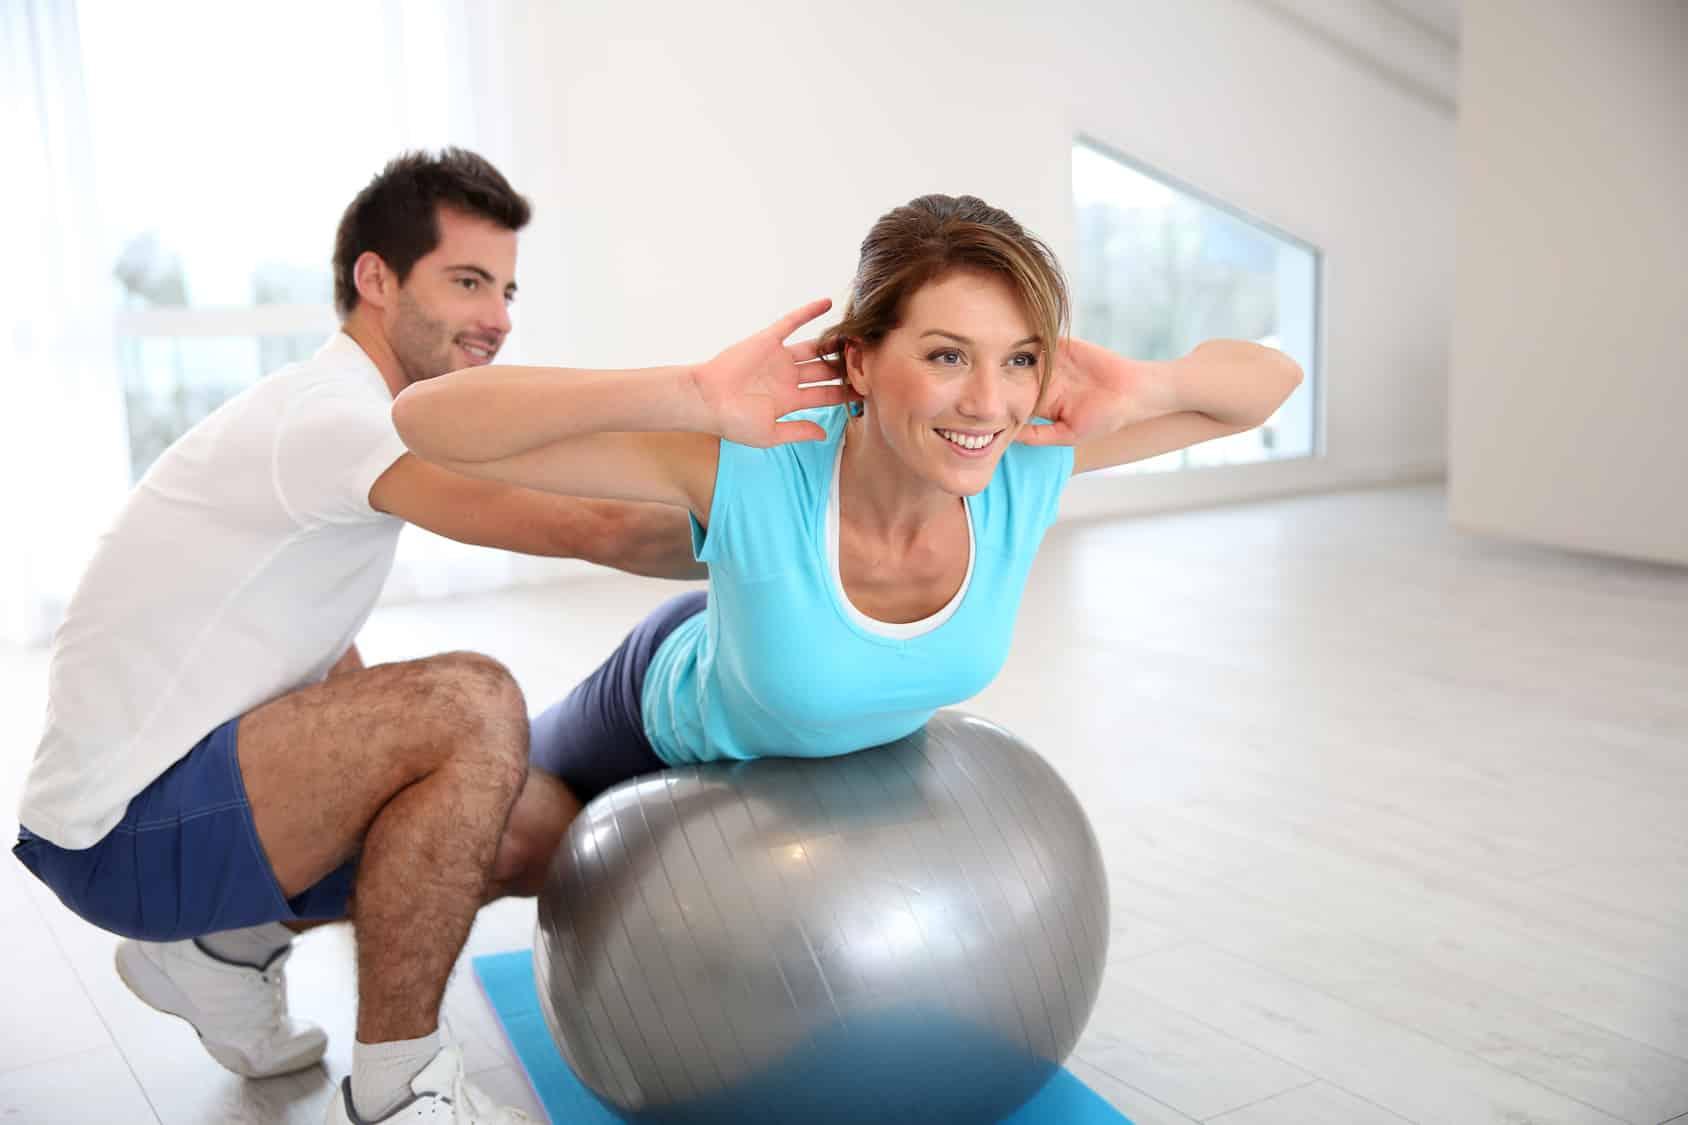 SANTÉ : S'entraîner peu ou beaucoup n'a pas d'importance, l'important est de s'entraîner